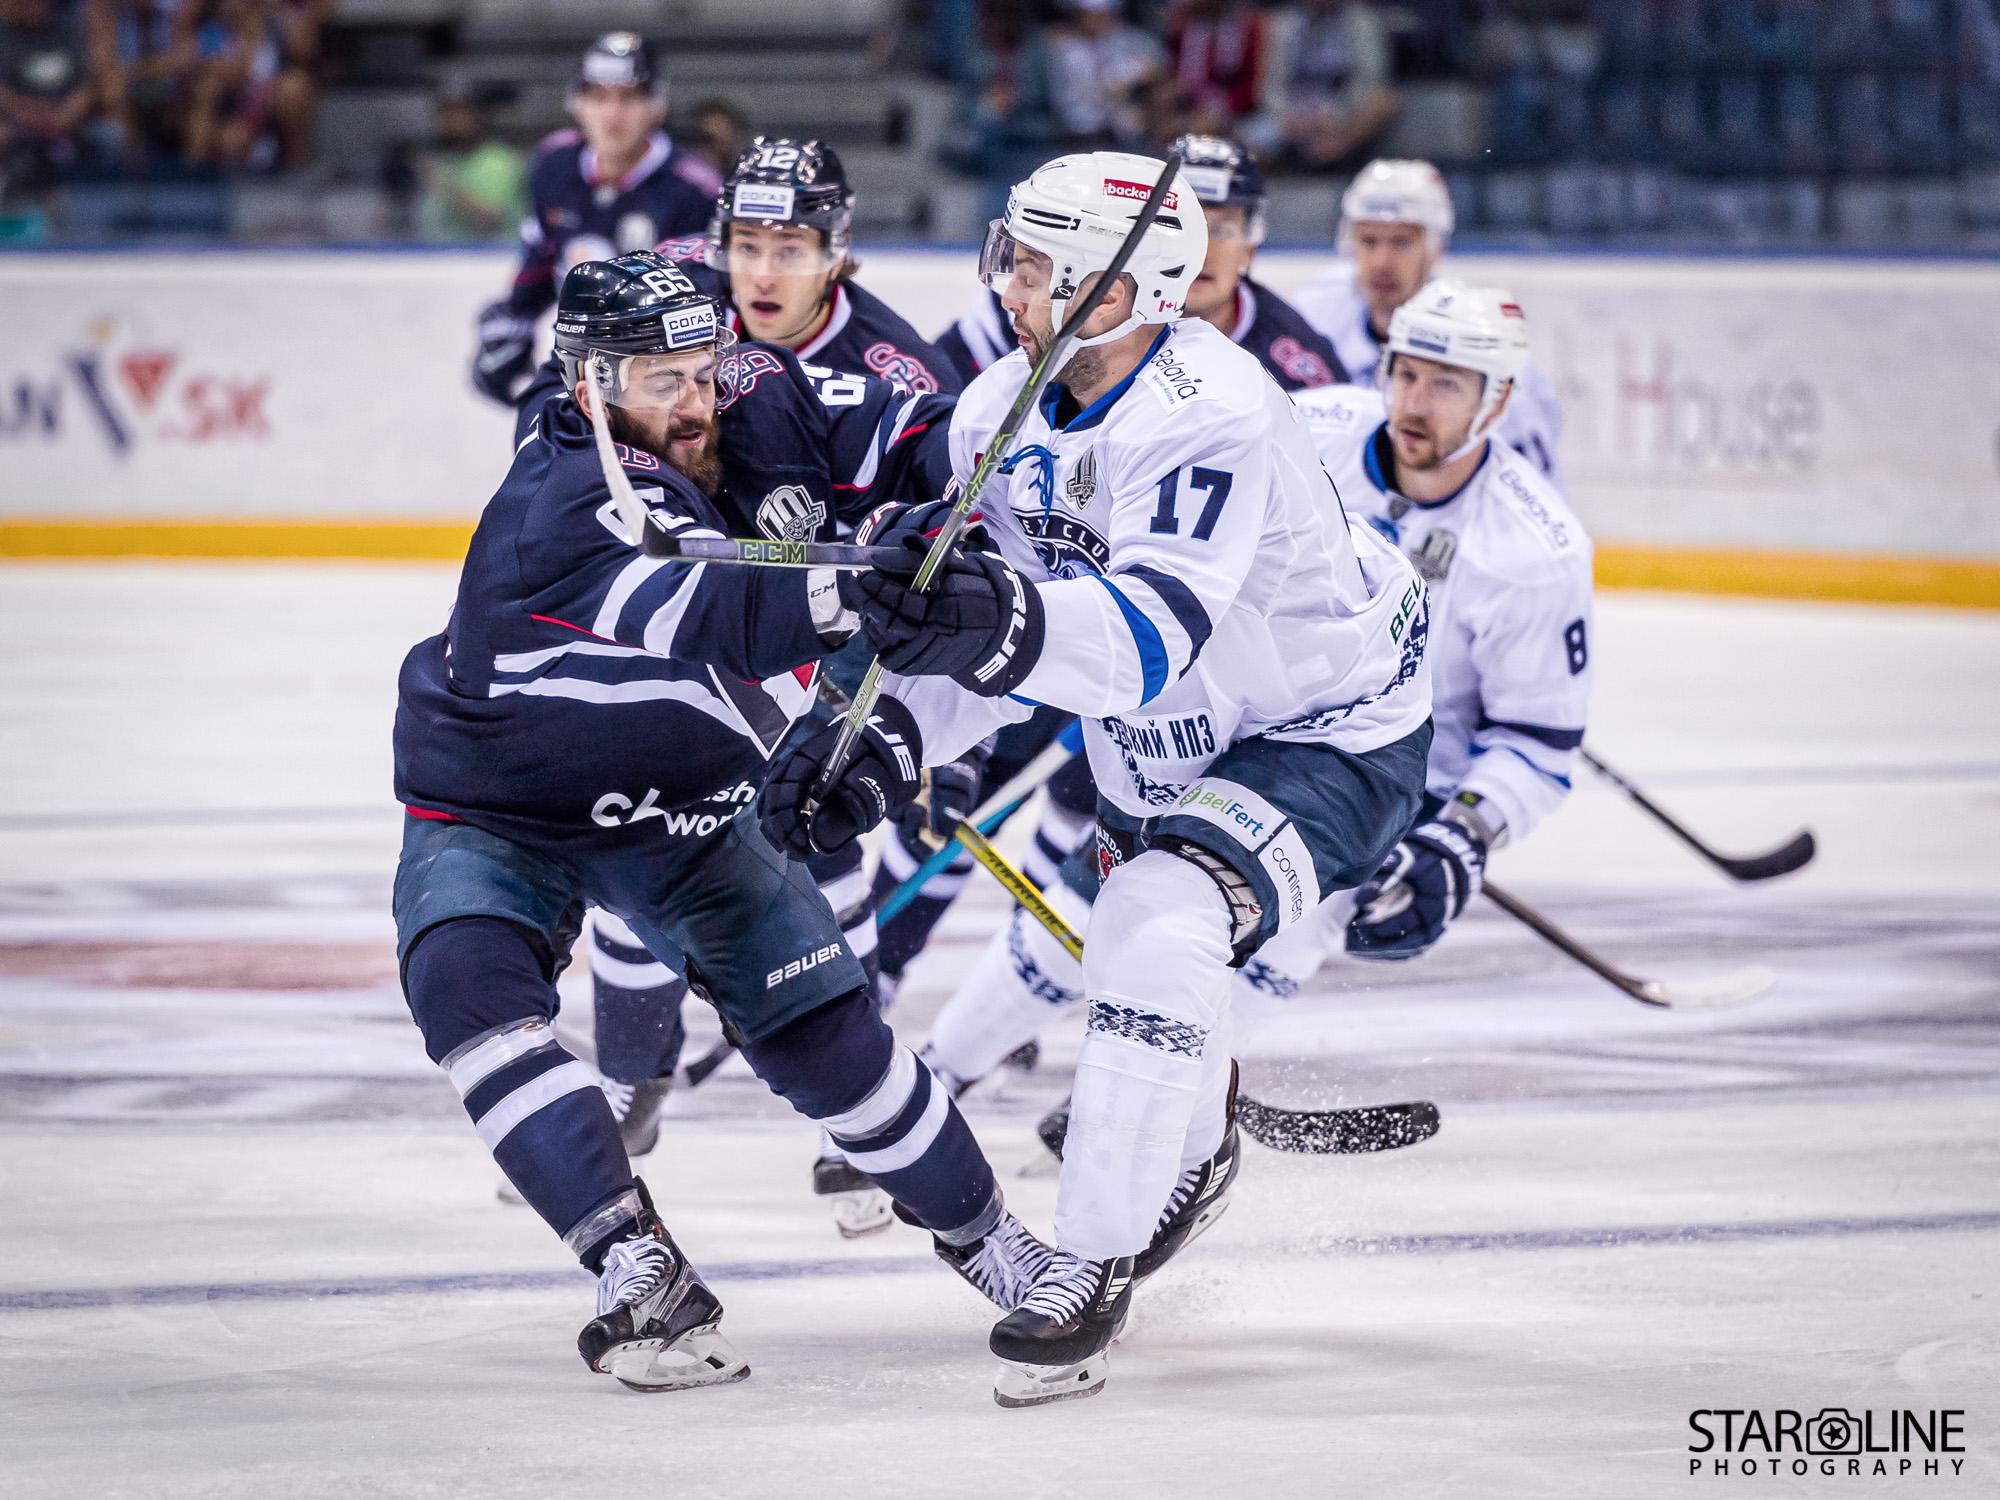 Výber z domácich zápasov HC Slovan Bratislava – 1. kolo